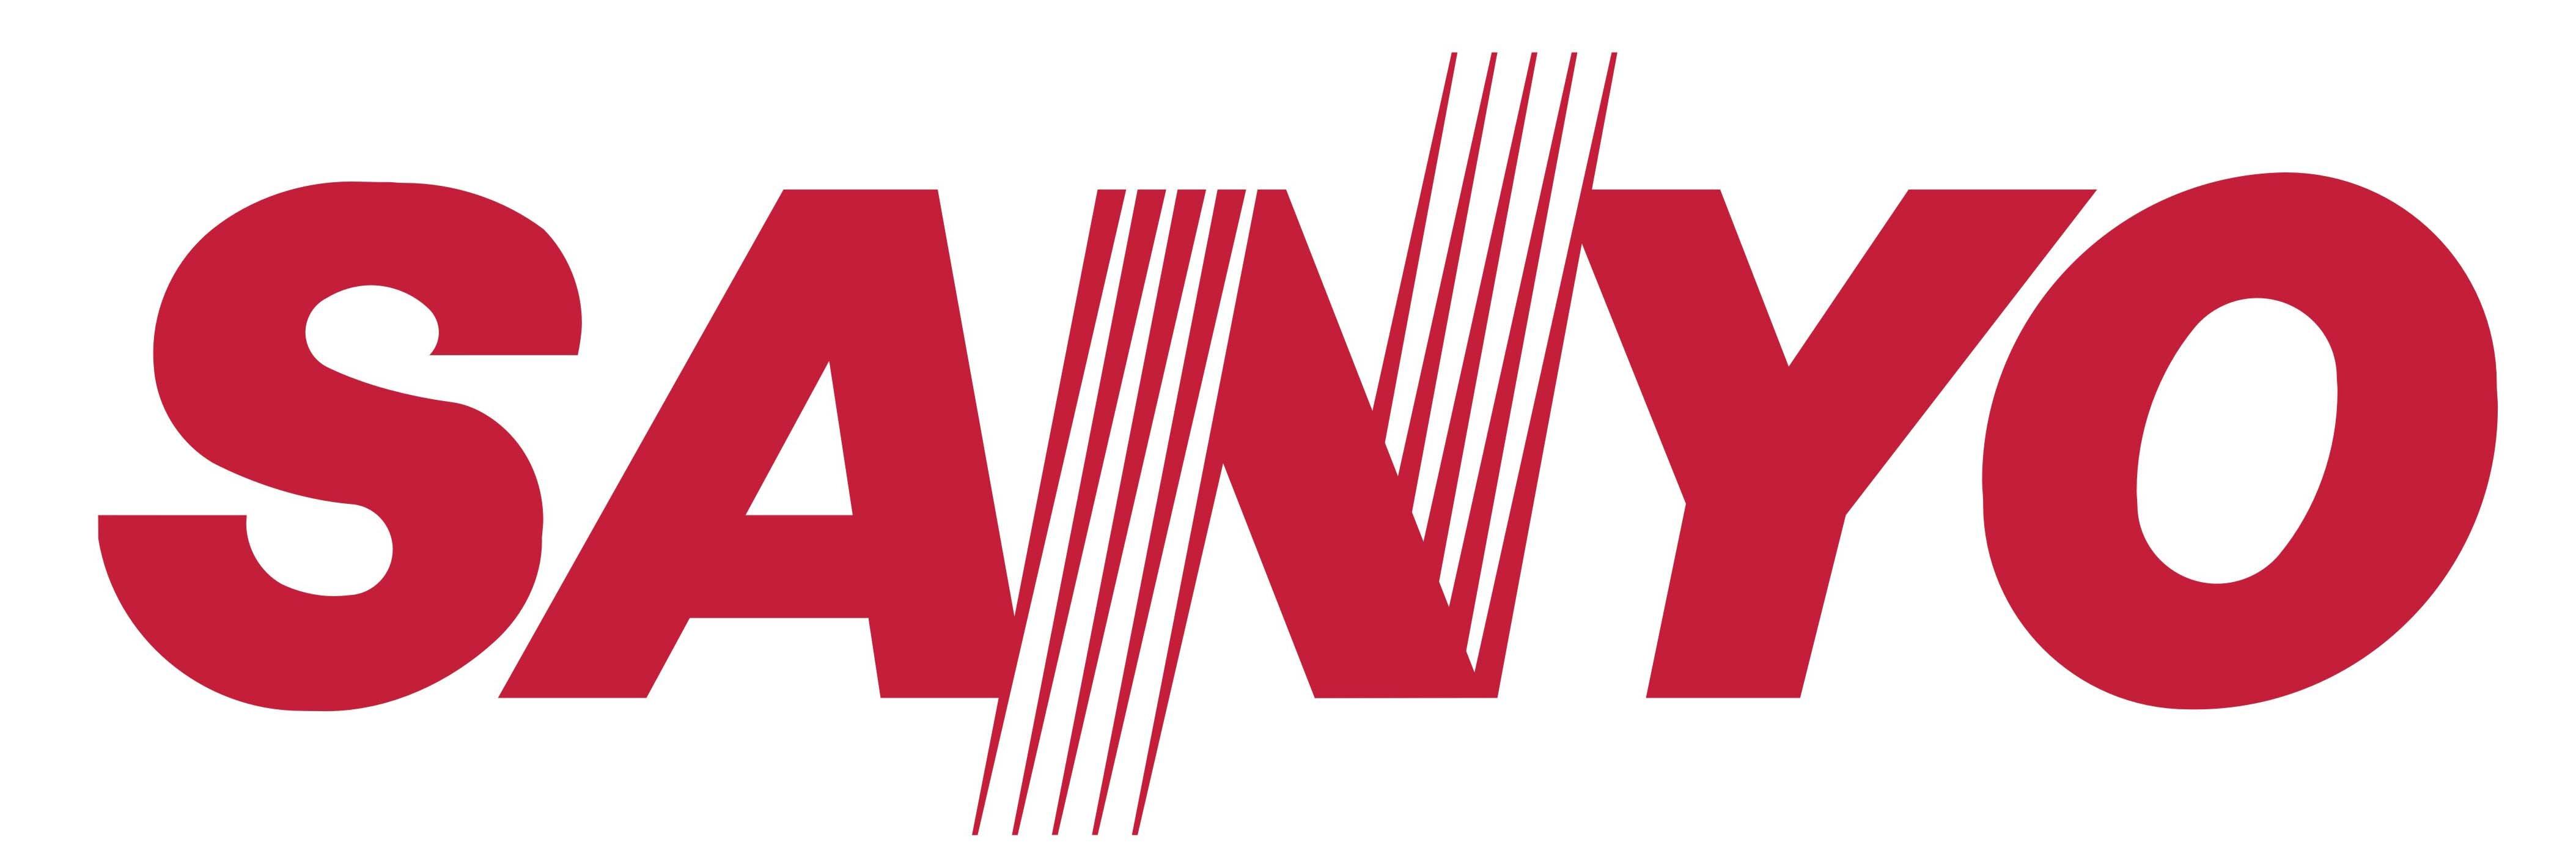 Tổng hợp các trung tâm bảo hành của Sanyo toàn quốc